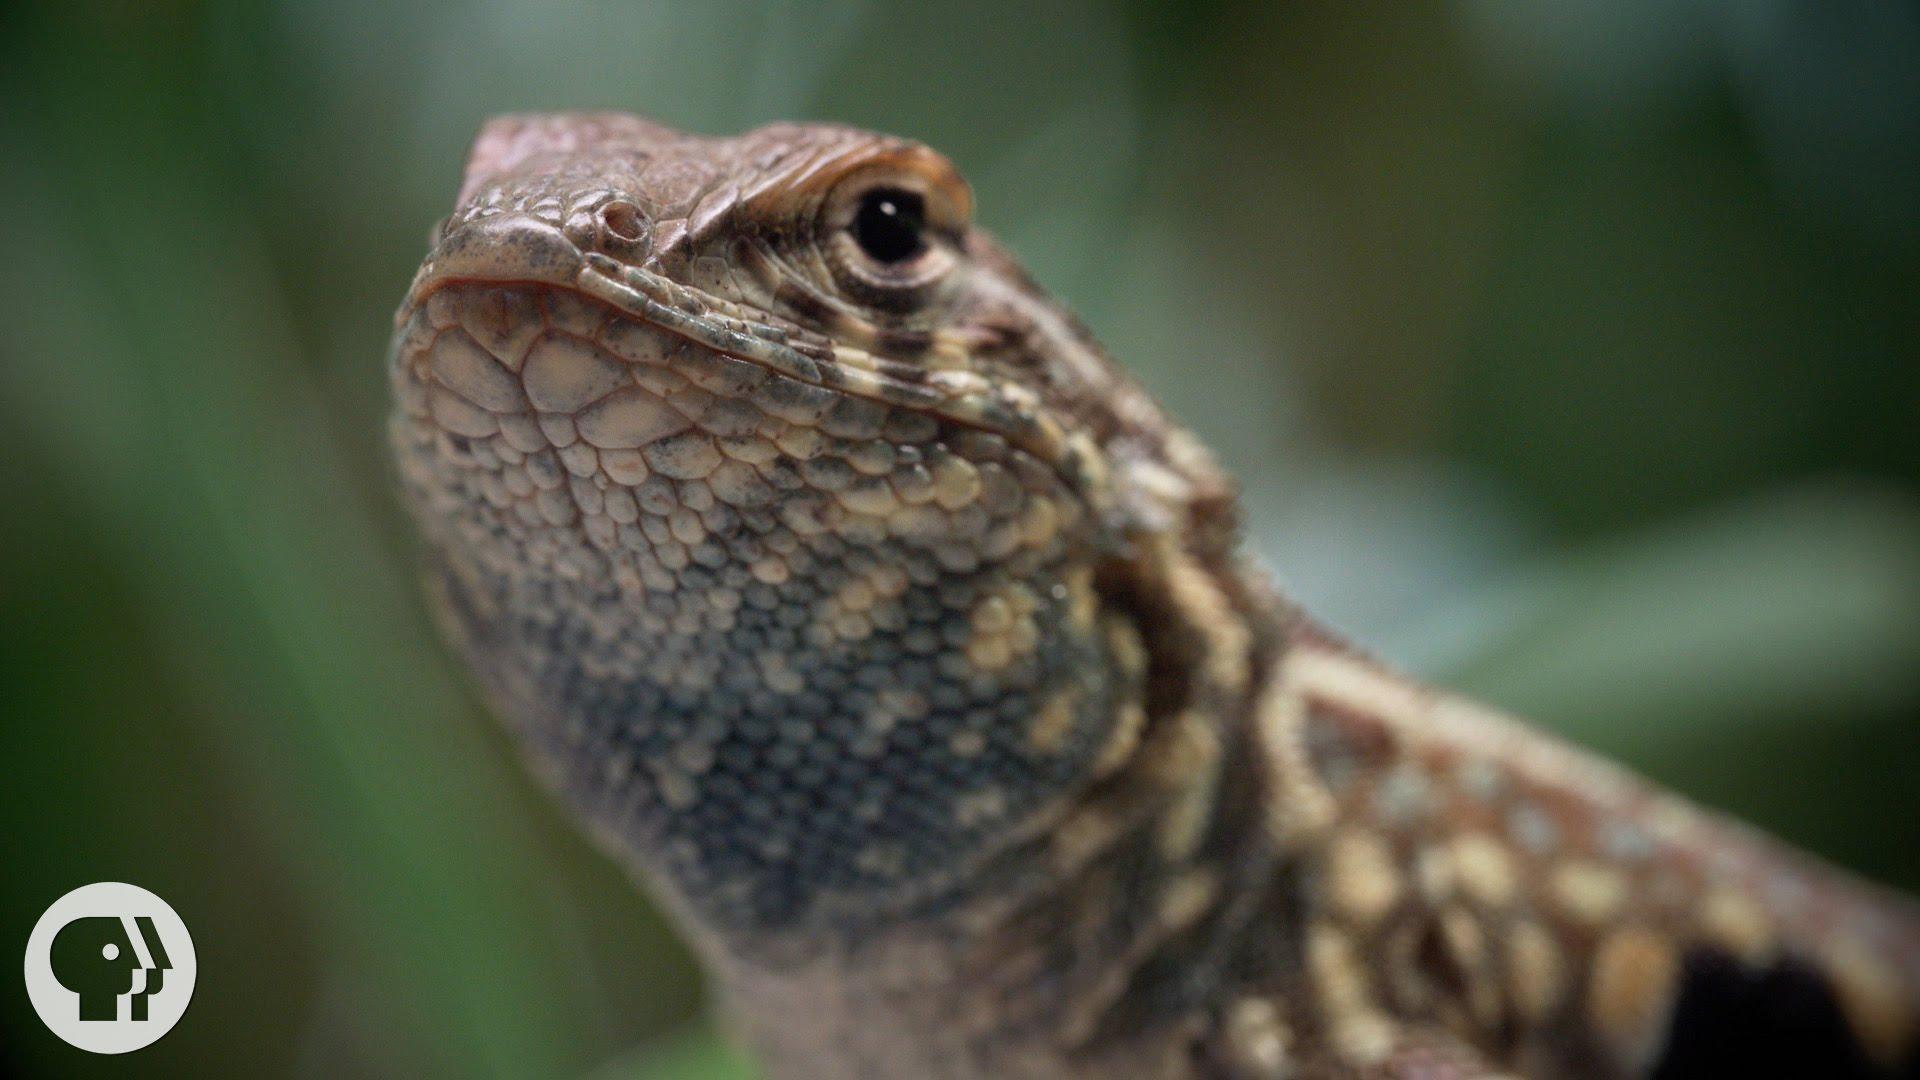 Lizard photo